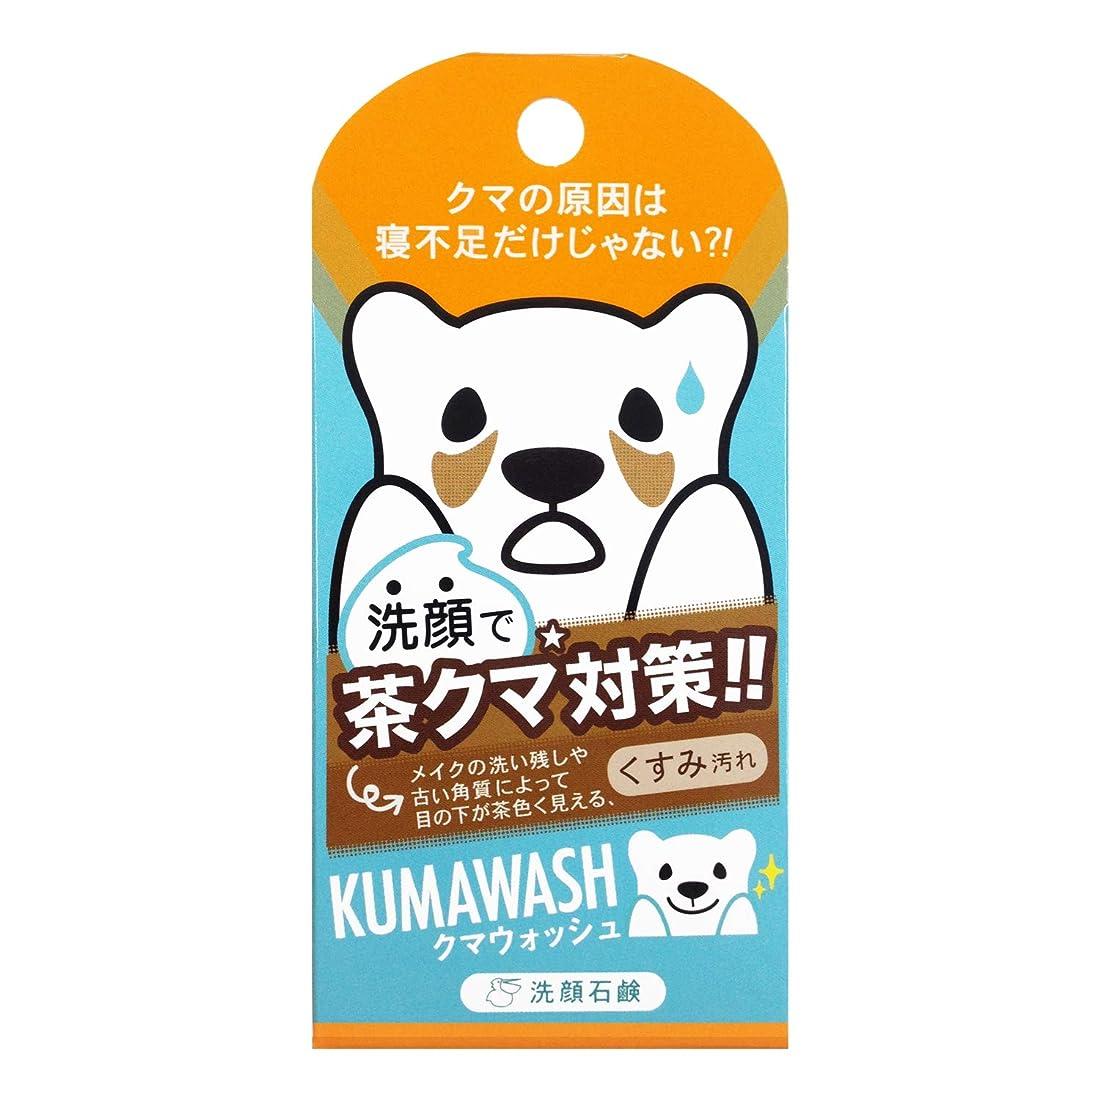 塩辛い脅かす一貫したペリカン石鹸 クマウォッシュ洗顔石鹸 75g